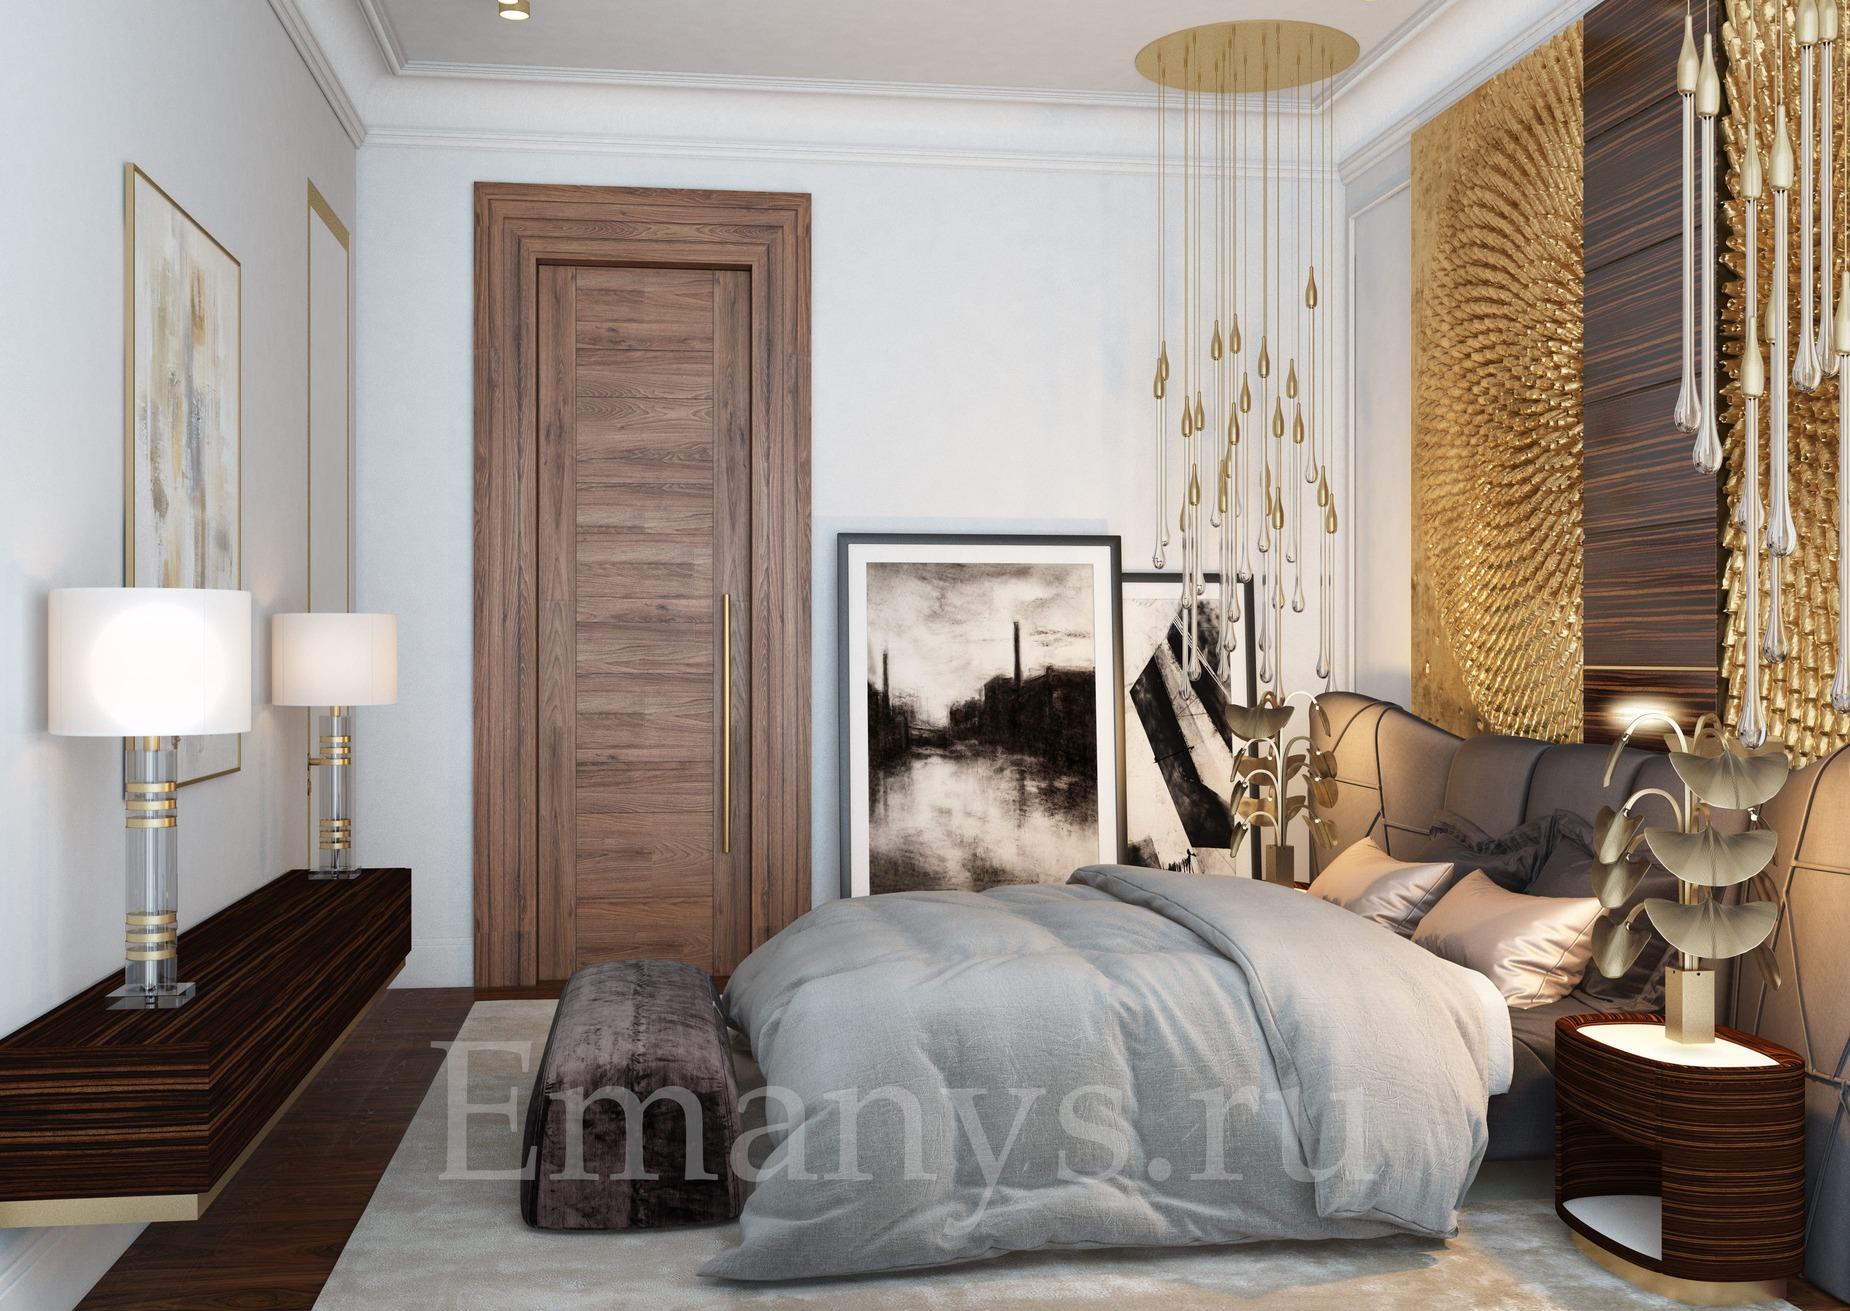 Дизайн интерьера спальни Emanys